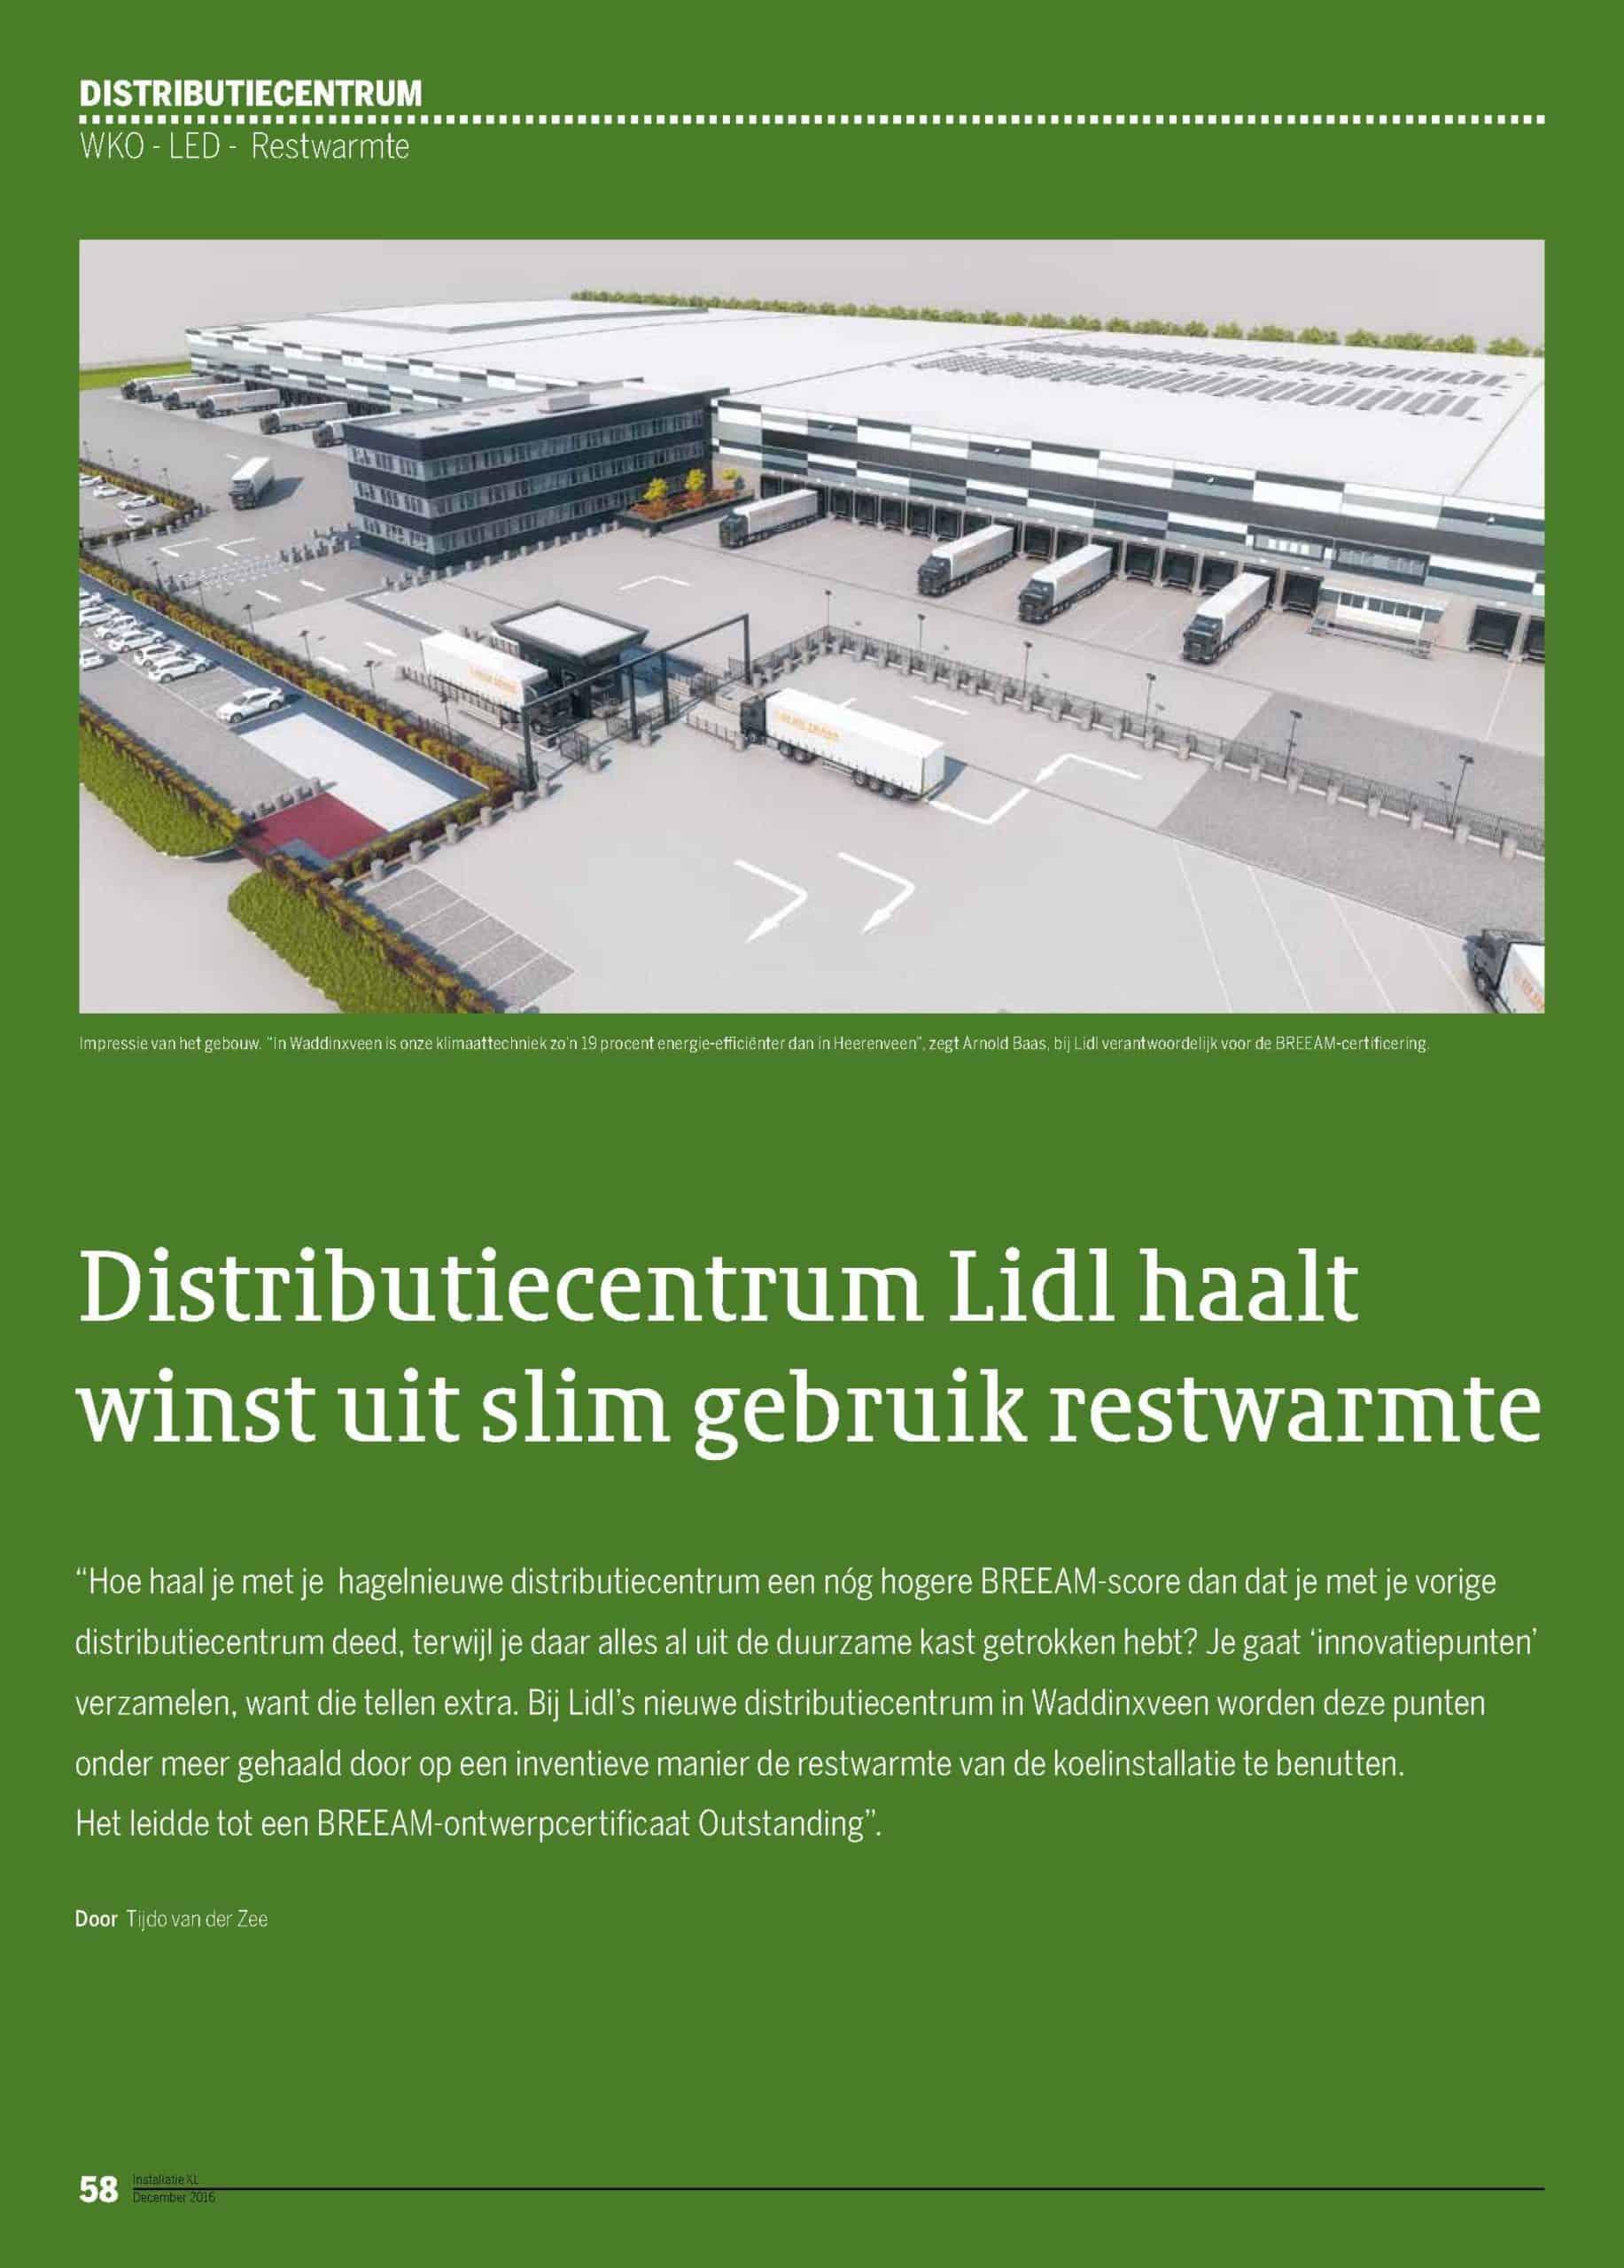 Distributiecentrum Lidl haaltwinst uit slim gebruik restwarmte